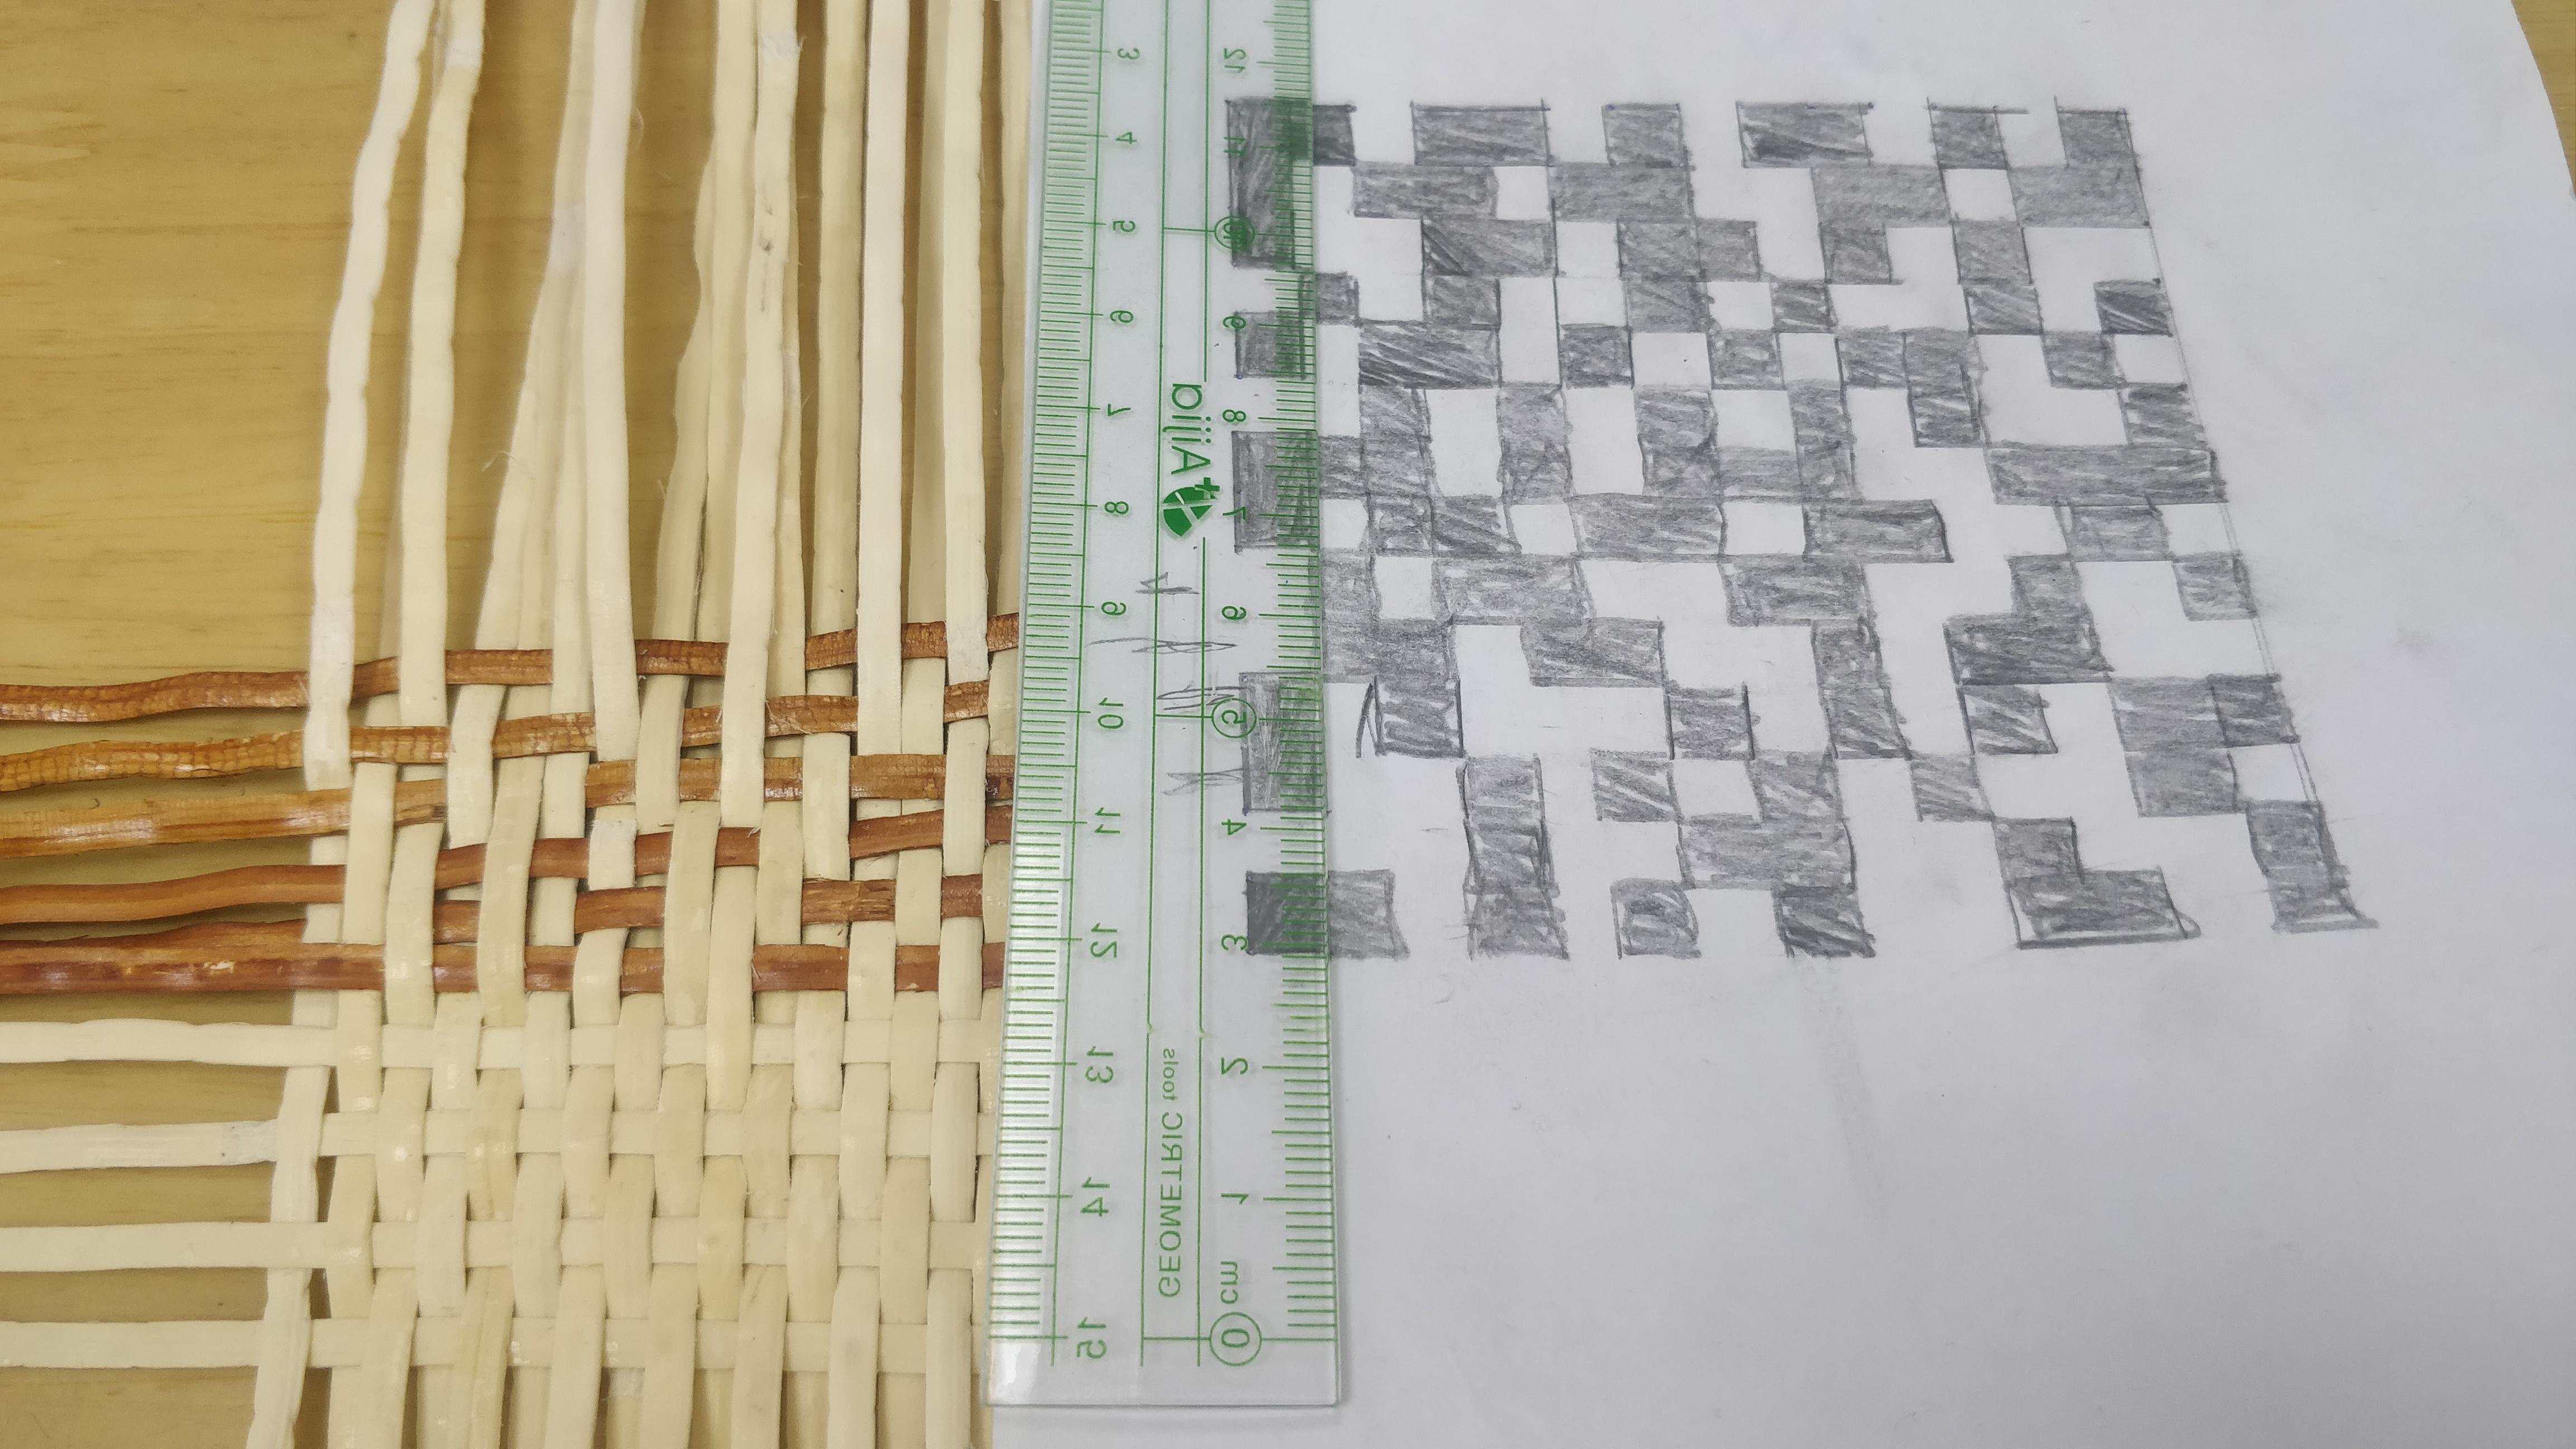 手工编织二维码制作教程